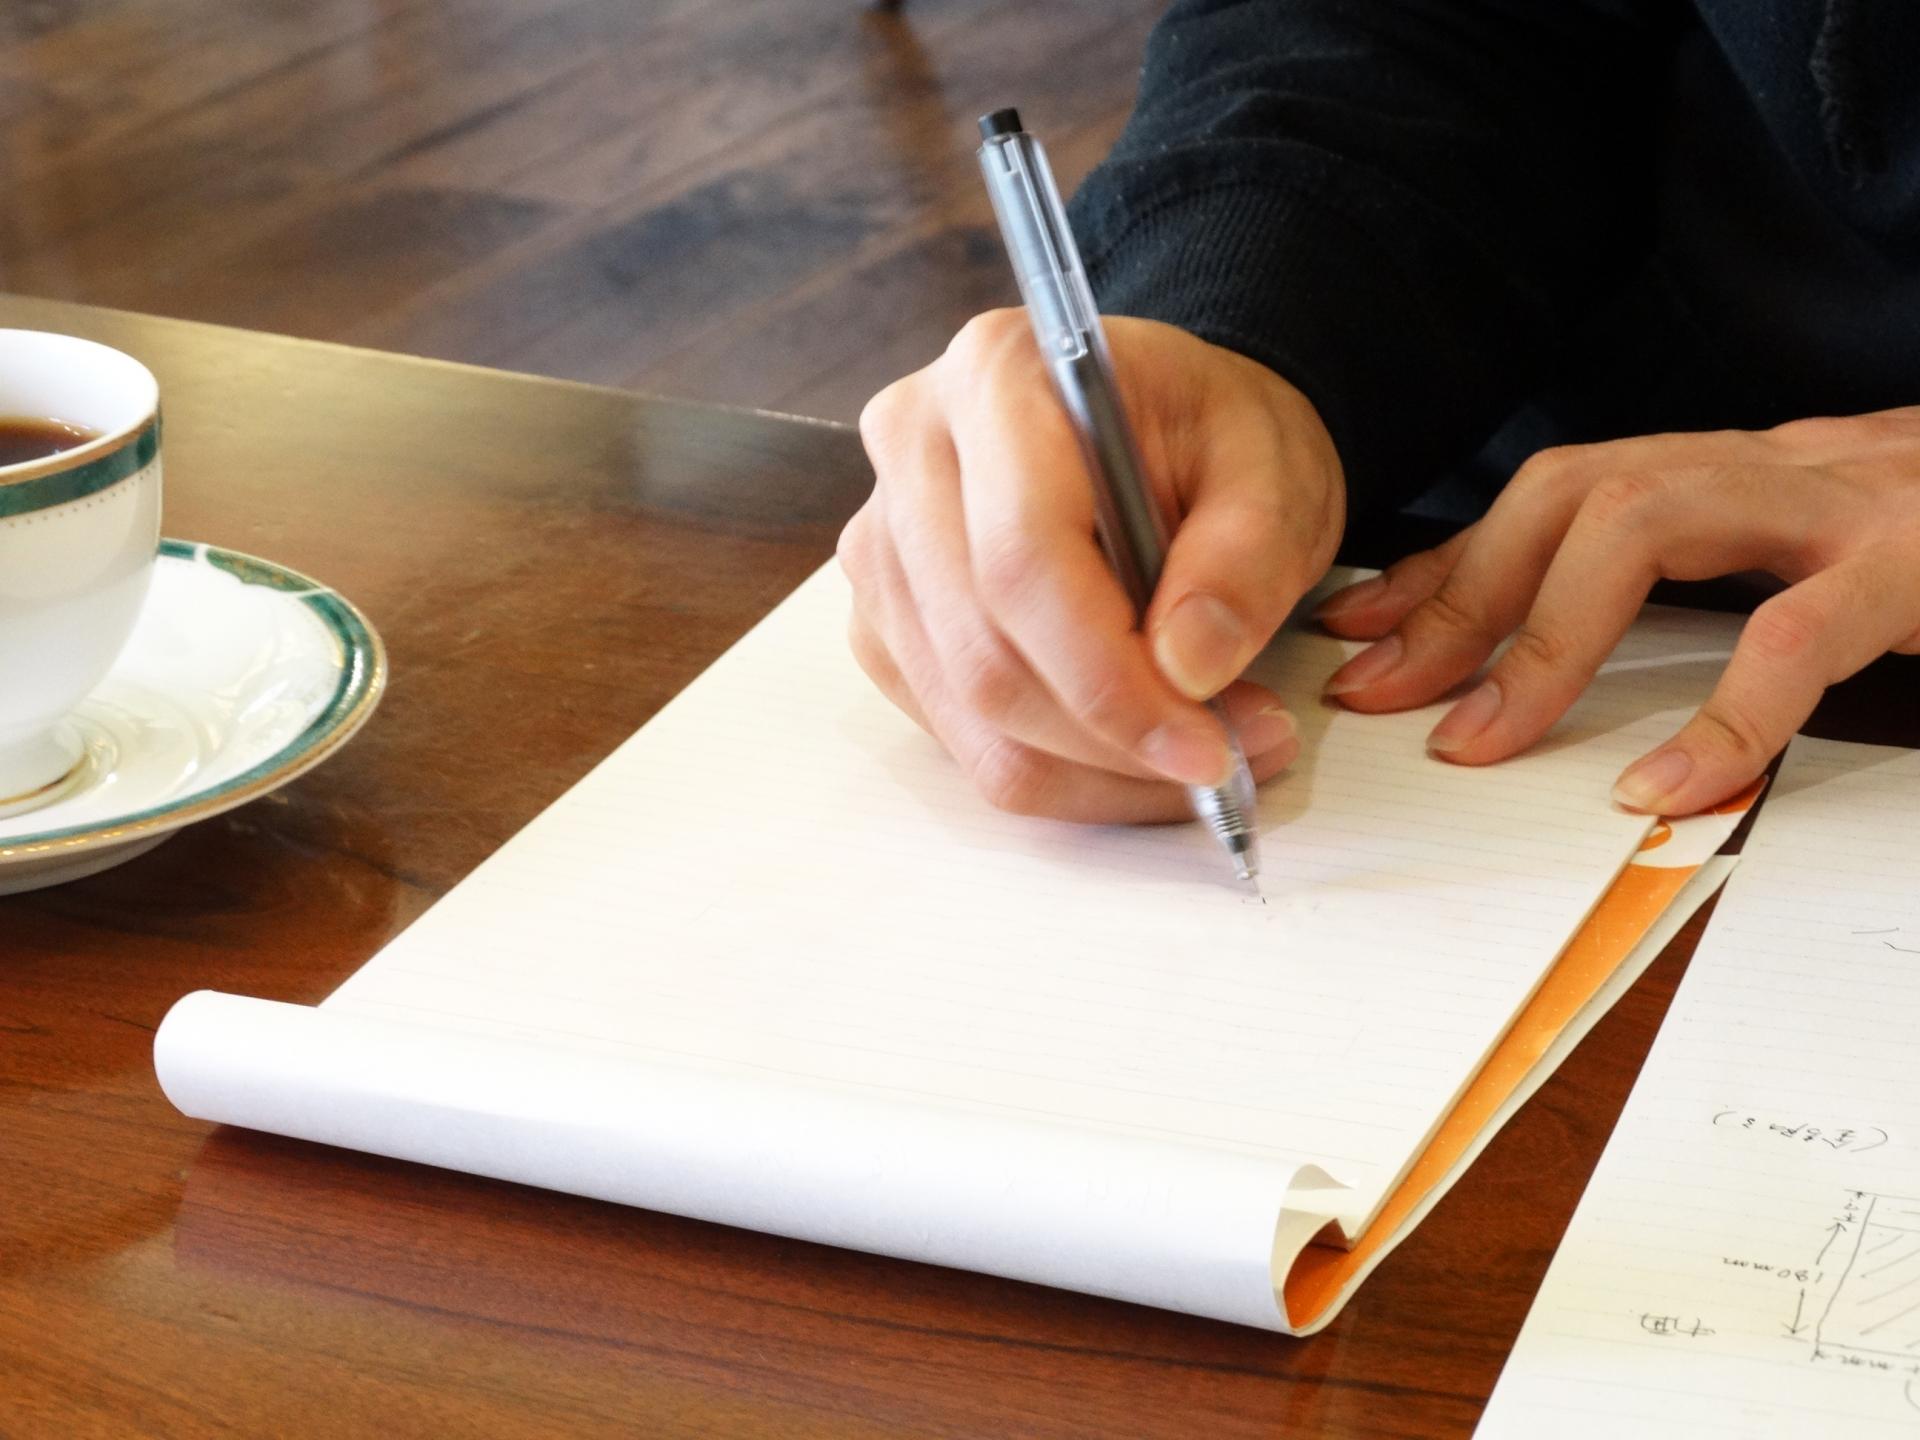 雇用保険の資格喪失届の提出は事業主の責任でもあります。